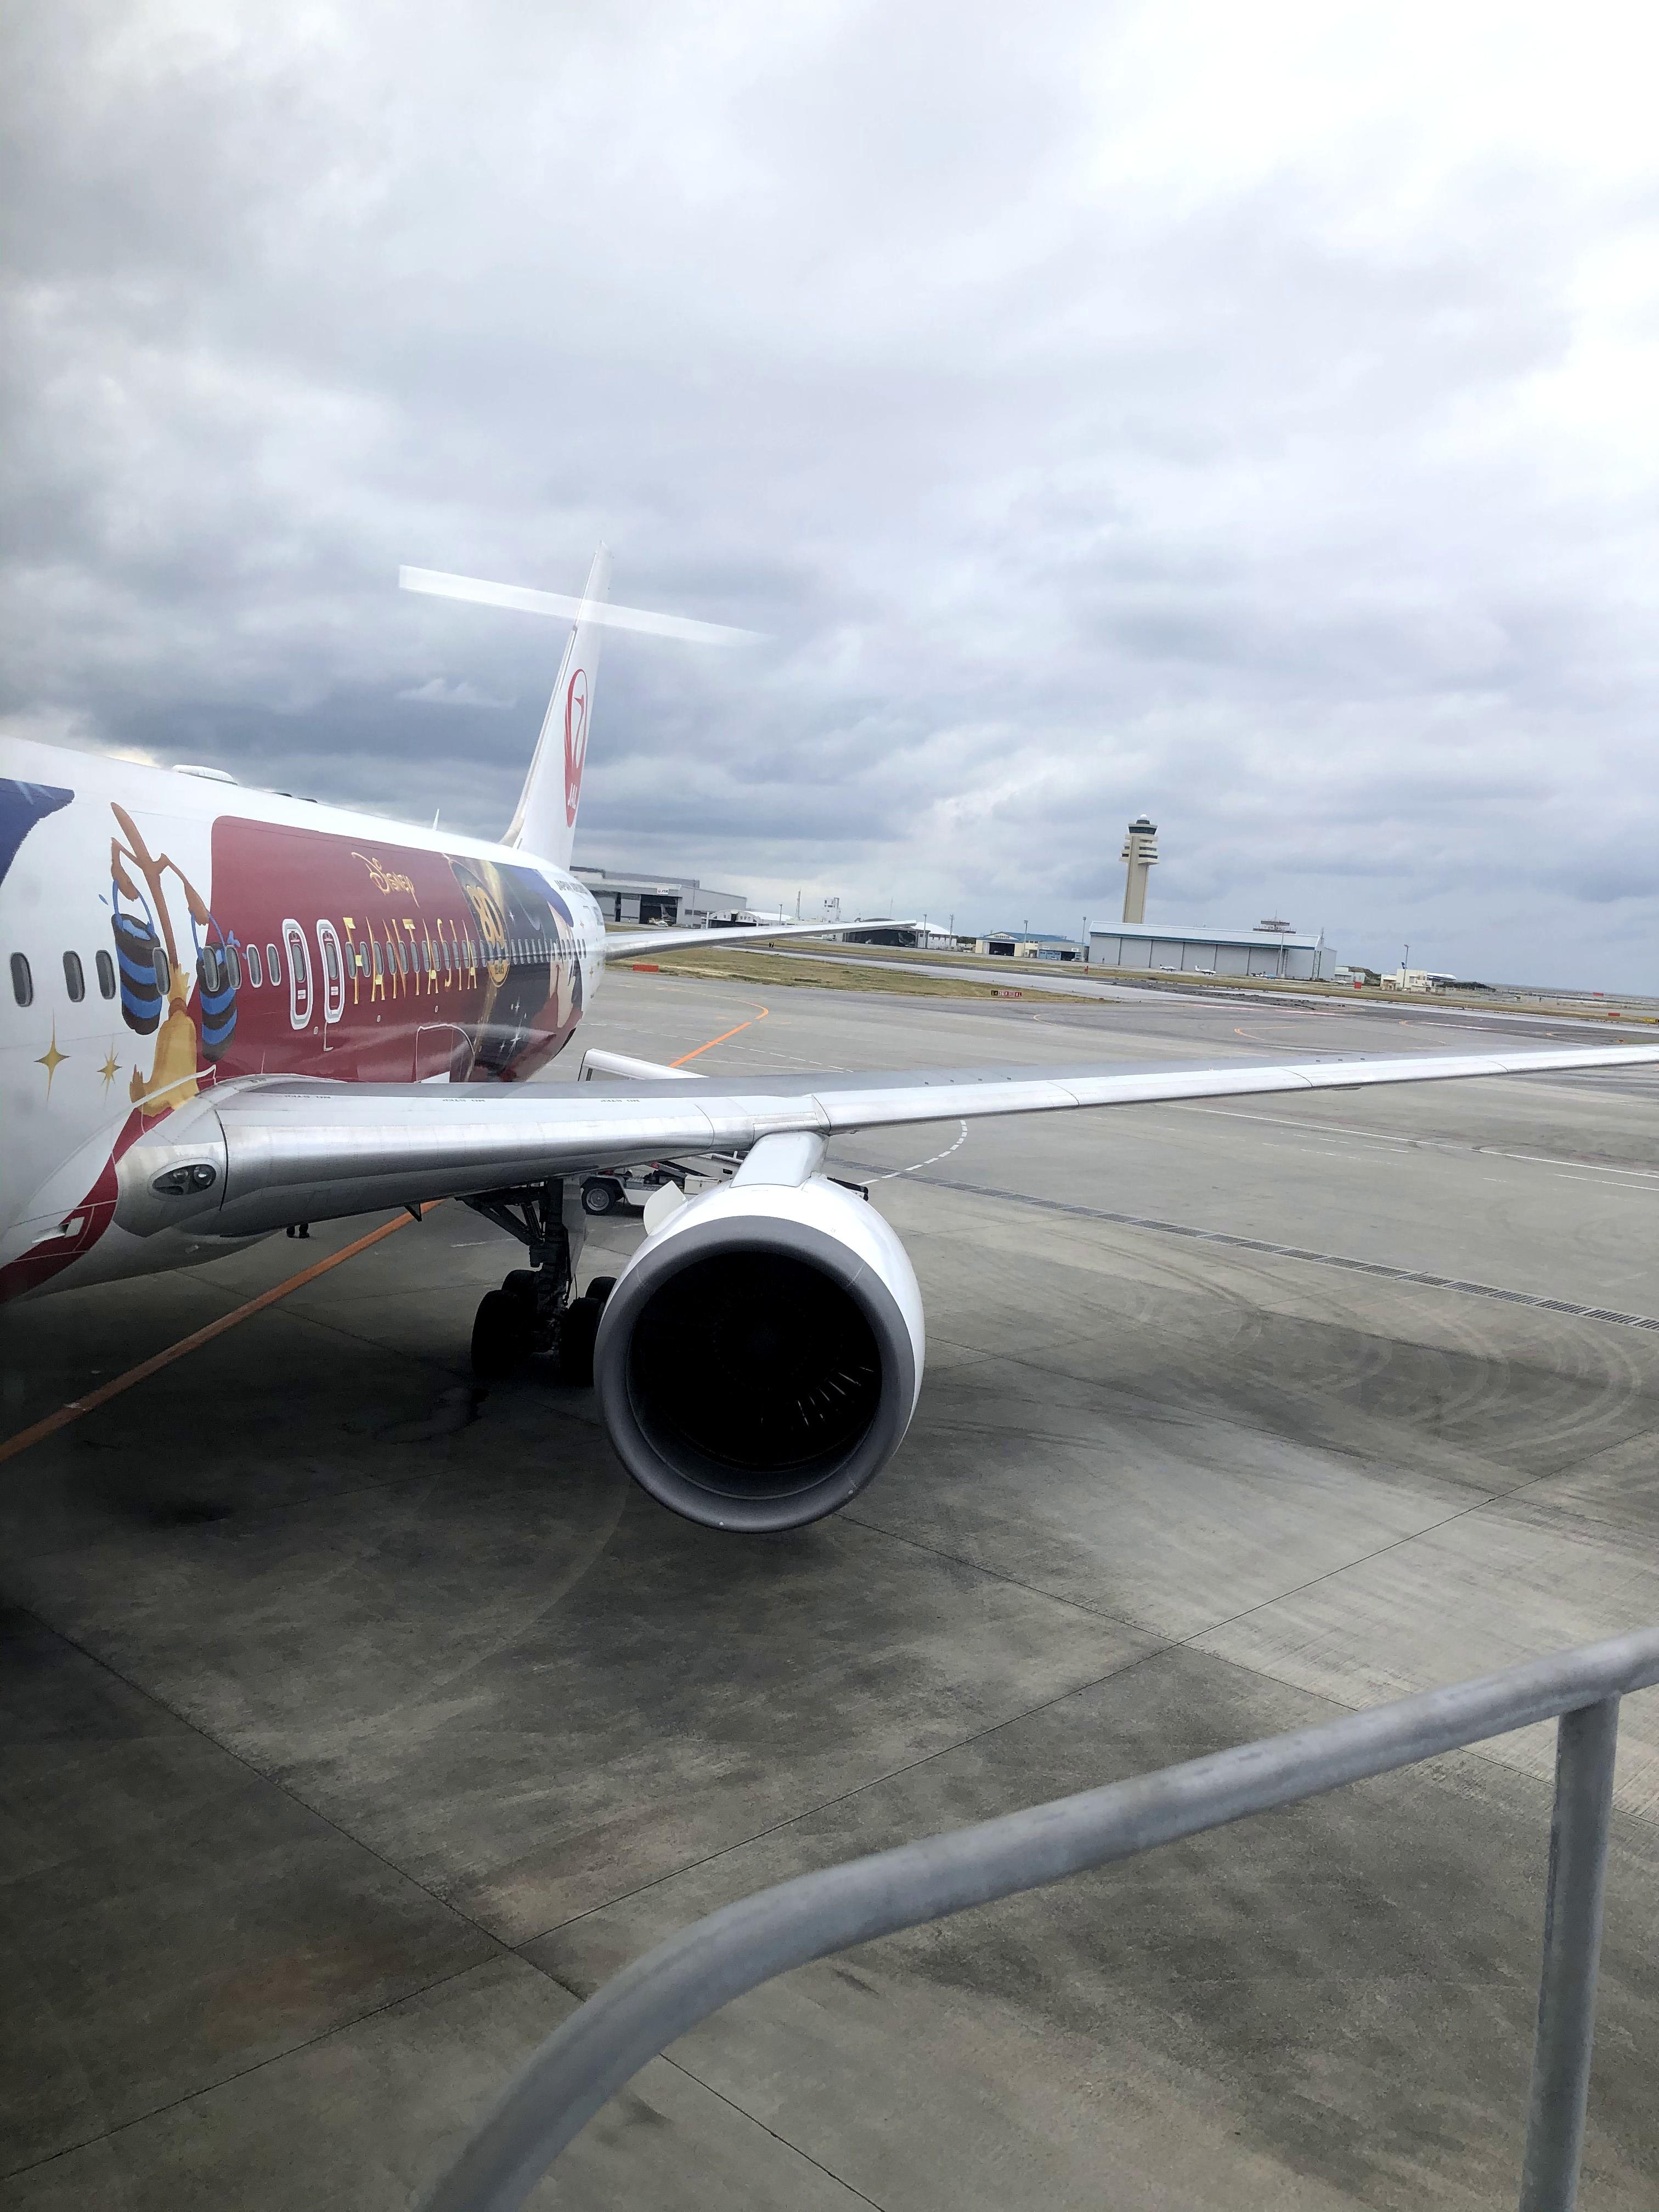 日本航空(JL) JL912(那覇(OKA) – 羽田(HND)) JAL DREAM EXPRESS FANTASIA 80のWiFiスピードチェック